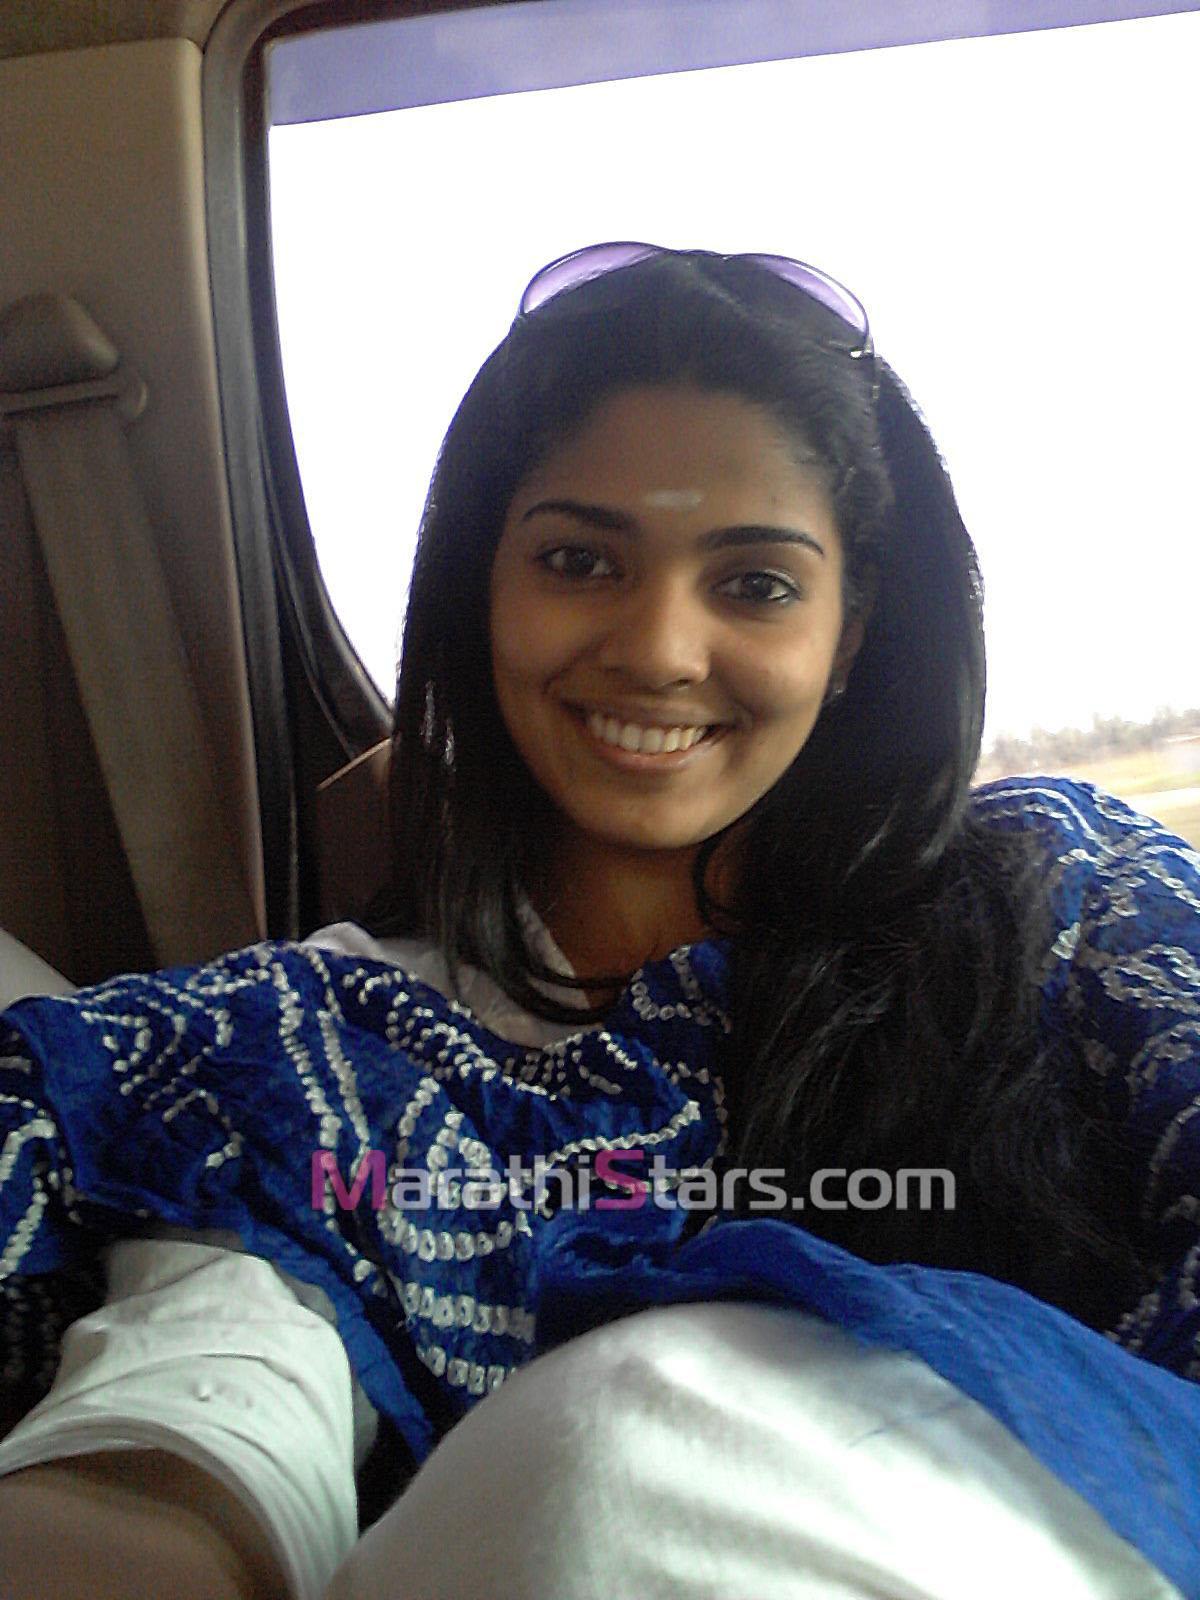 Pooja sawant marathi actress photosbiographywallpaperswikihot marathi actress pooja sawant photos altavistaventures Choice Image